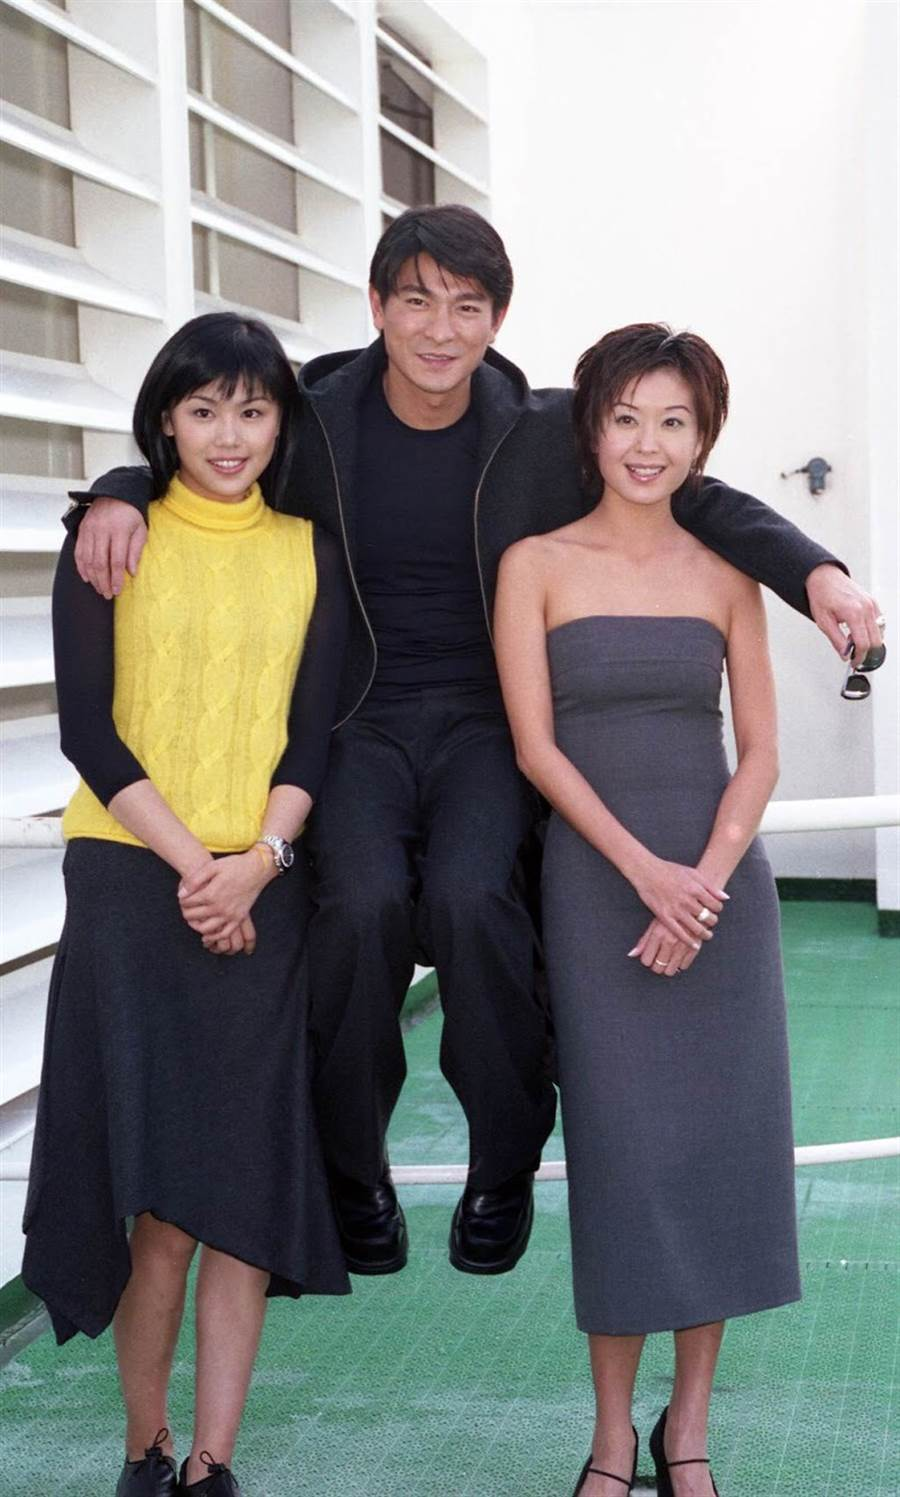 伍詠薇(右)1999年曾和劉德華一起來台宣傳電影。(資料照/楊約翰攝)